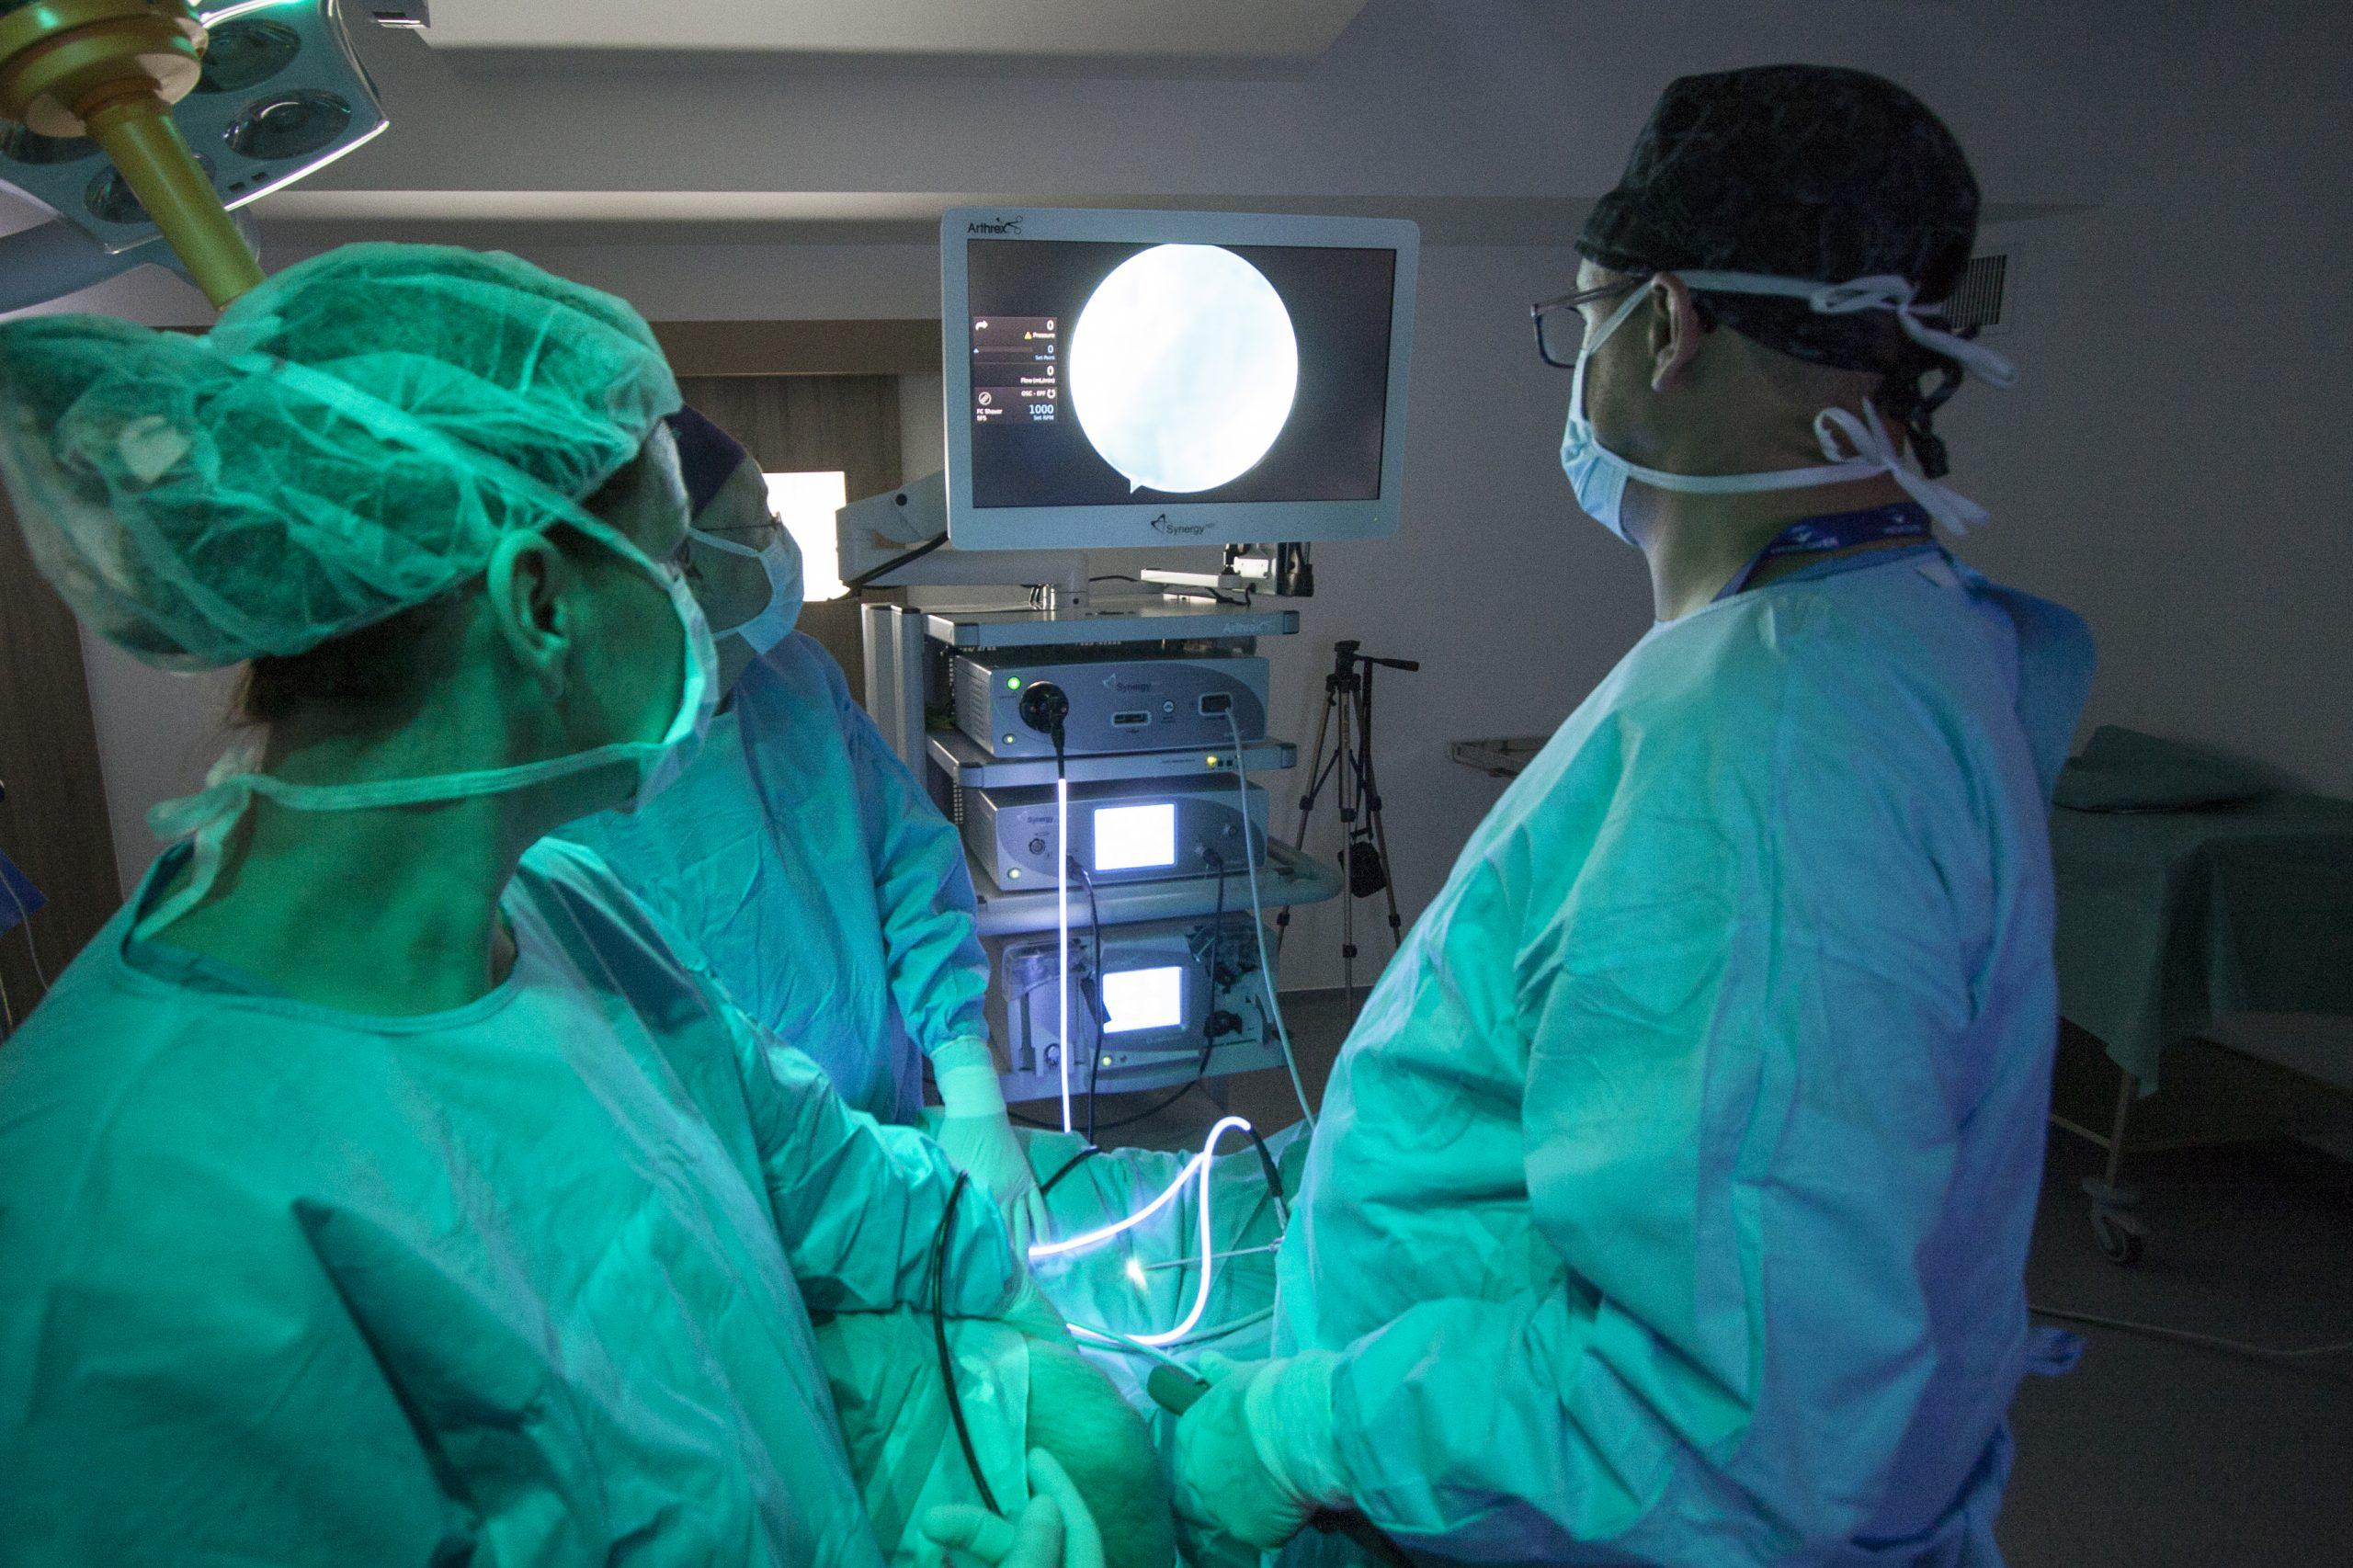 milyen látásmódot végez a műtét